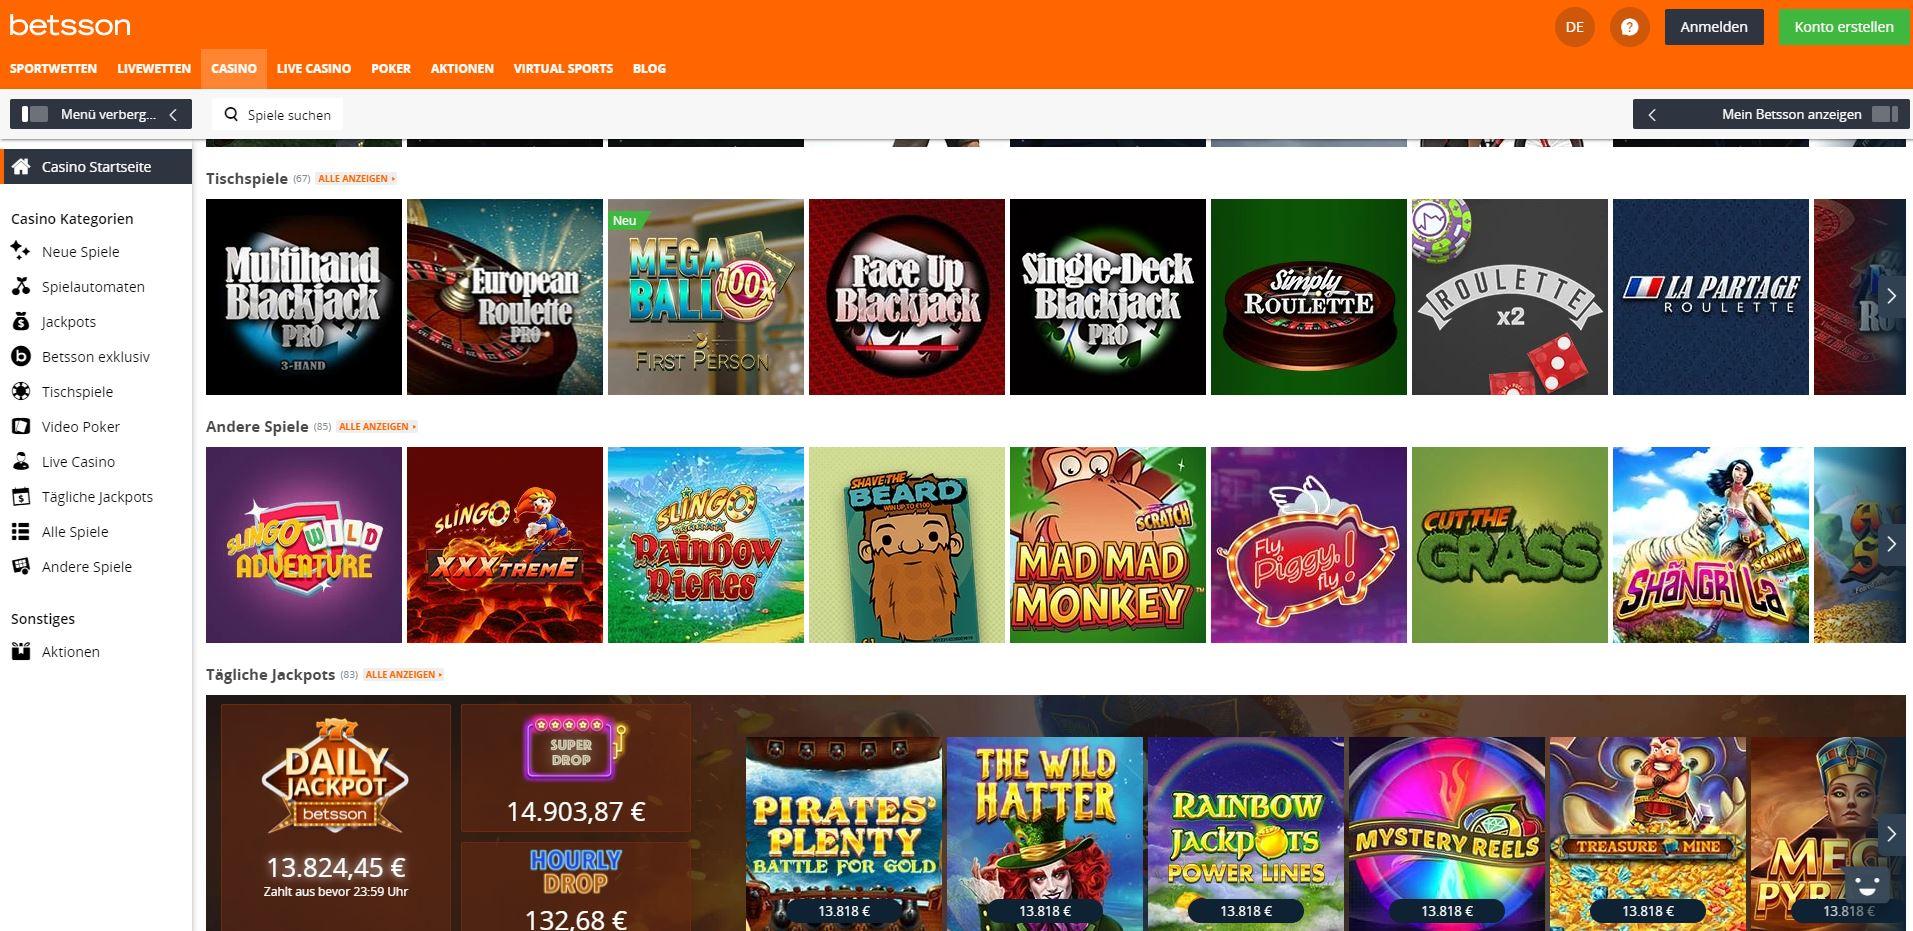 Casino ChiDas Spielangebot im Betsson Online Casino.40